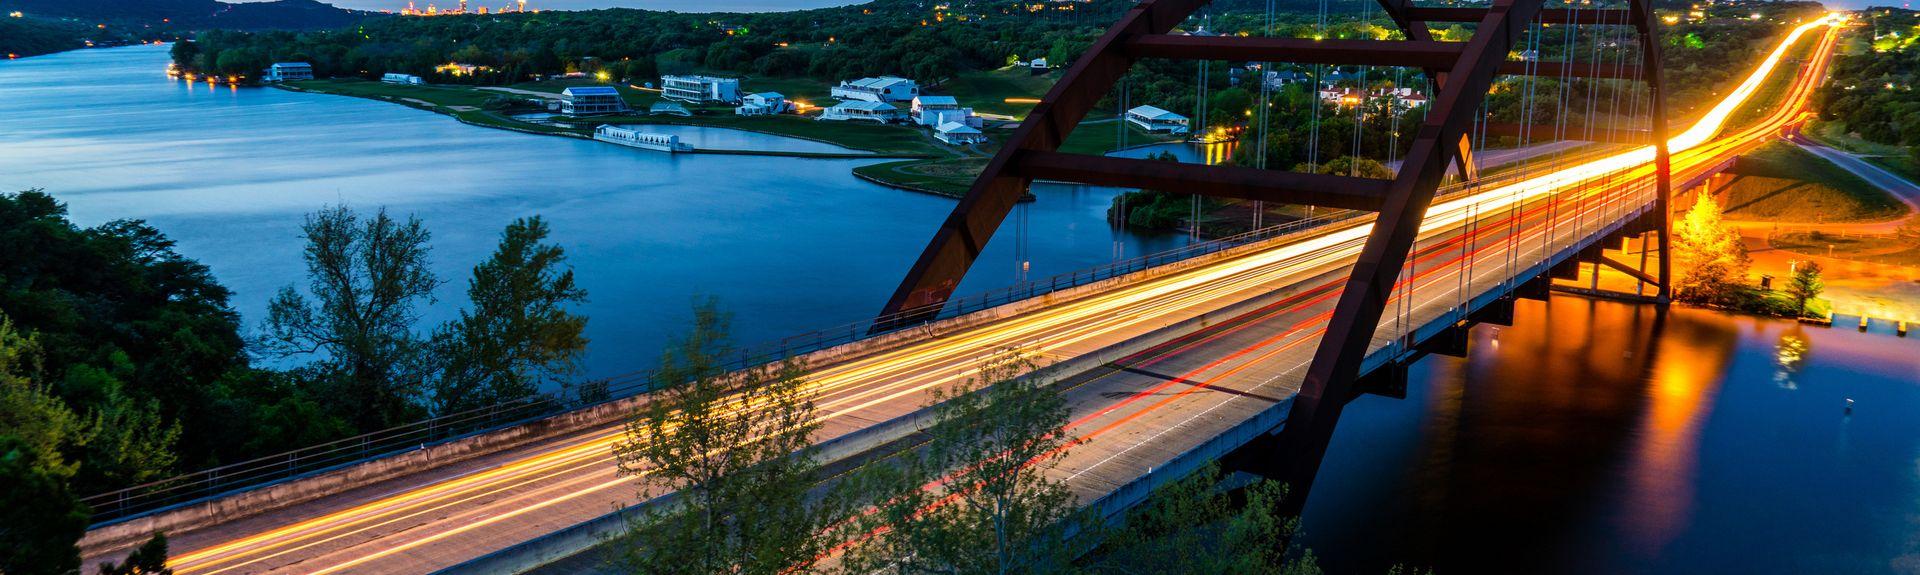 Beverly S. Sheffield Northwest District Park, Austin, TX, USA